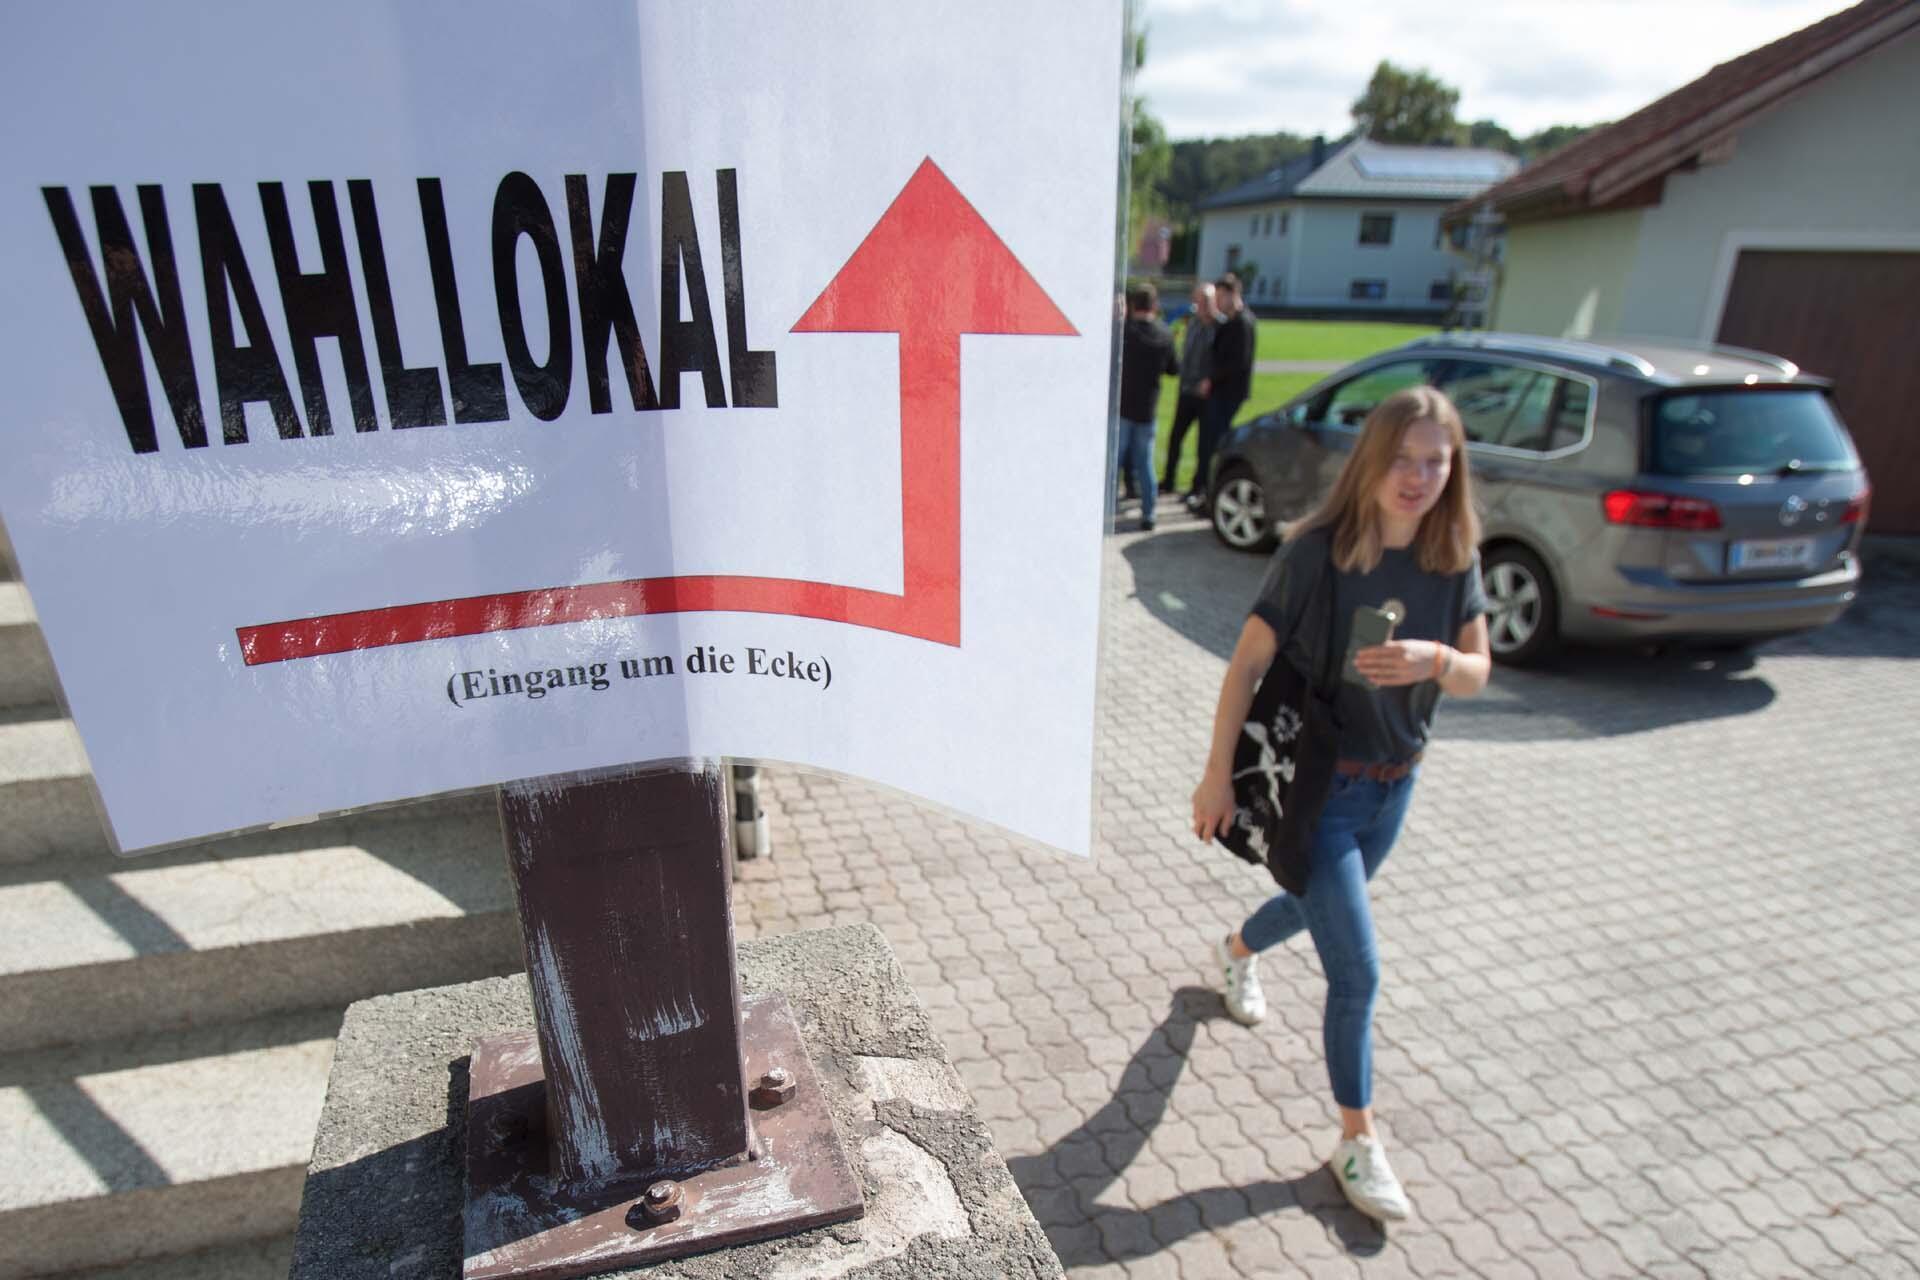 À la sortie d'un bureau de vote à Grafenschachen, dans le Burgenland, en Autriche, le 29 septembre 2019.